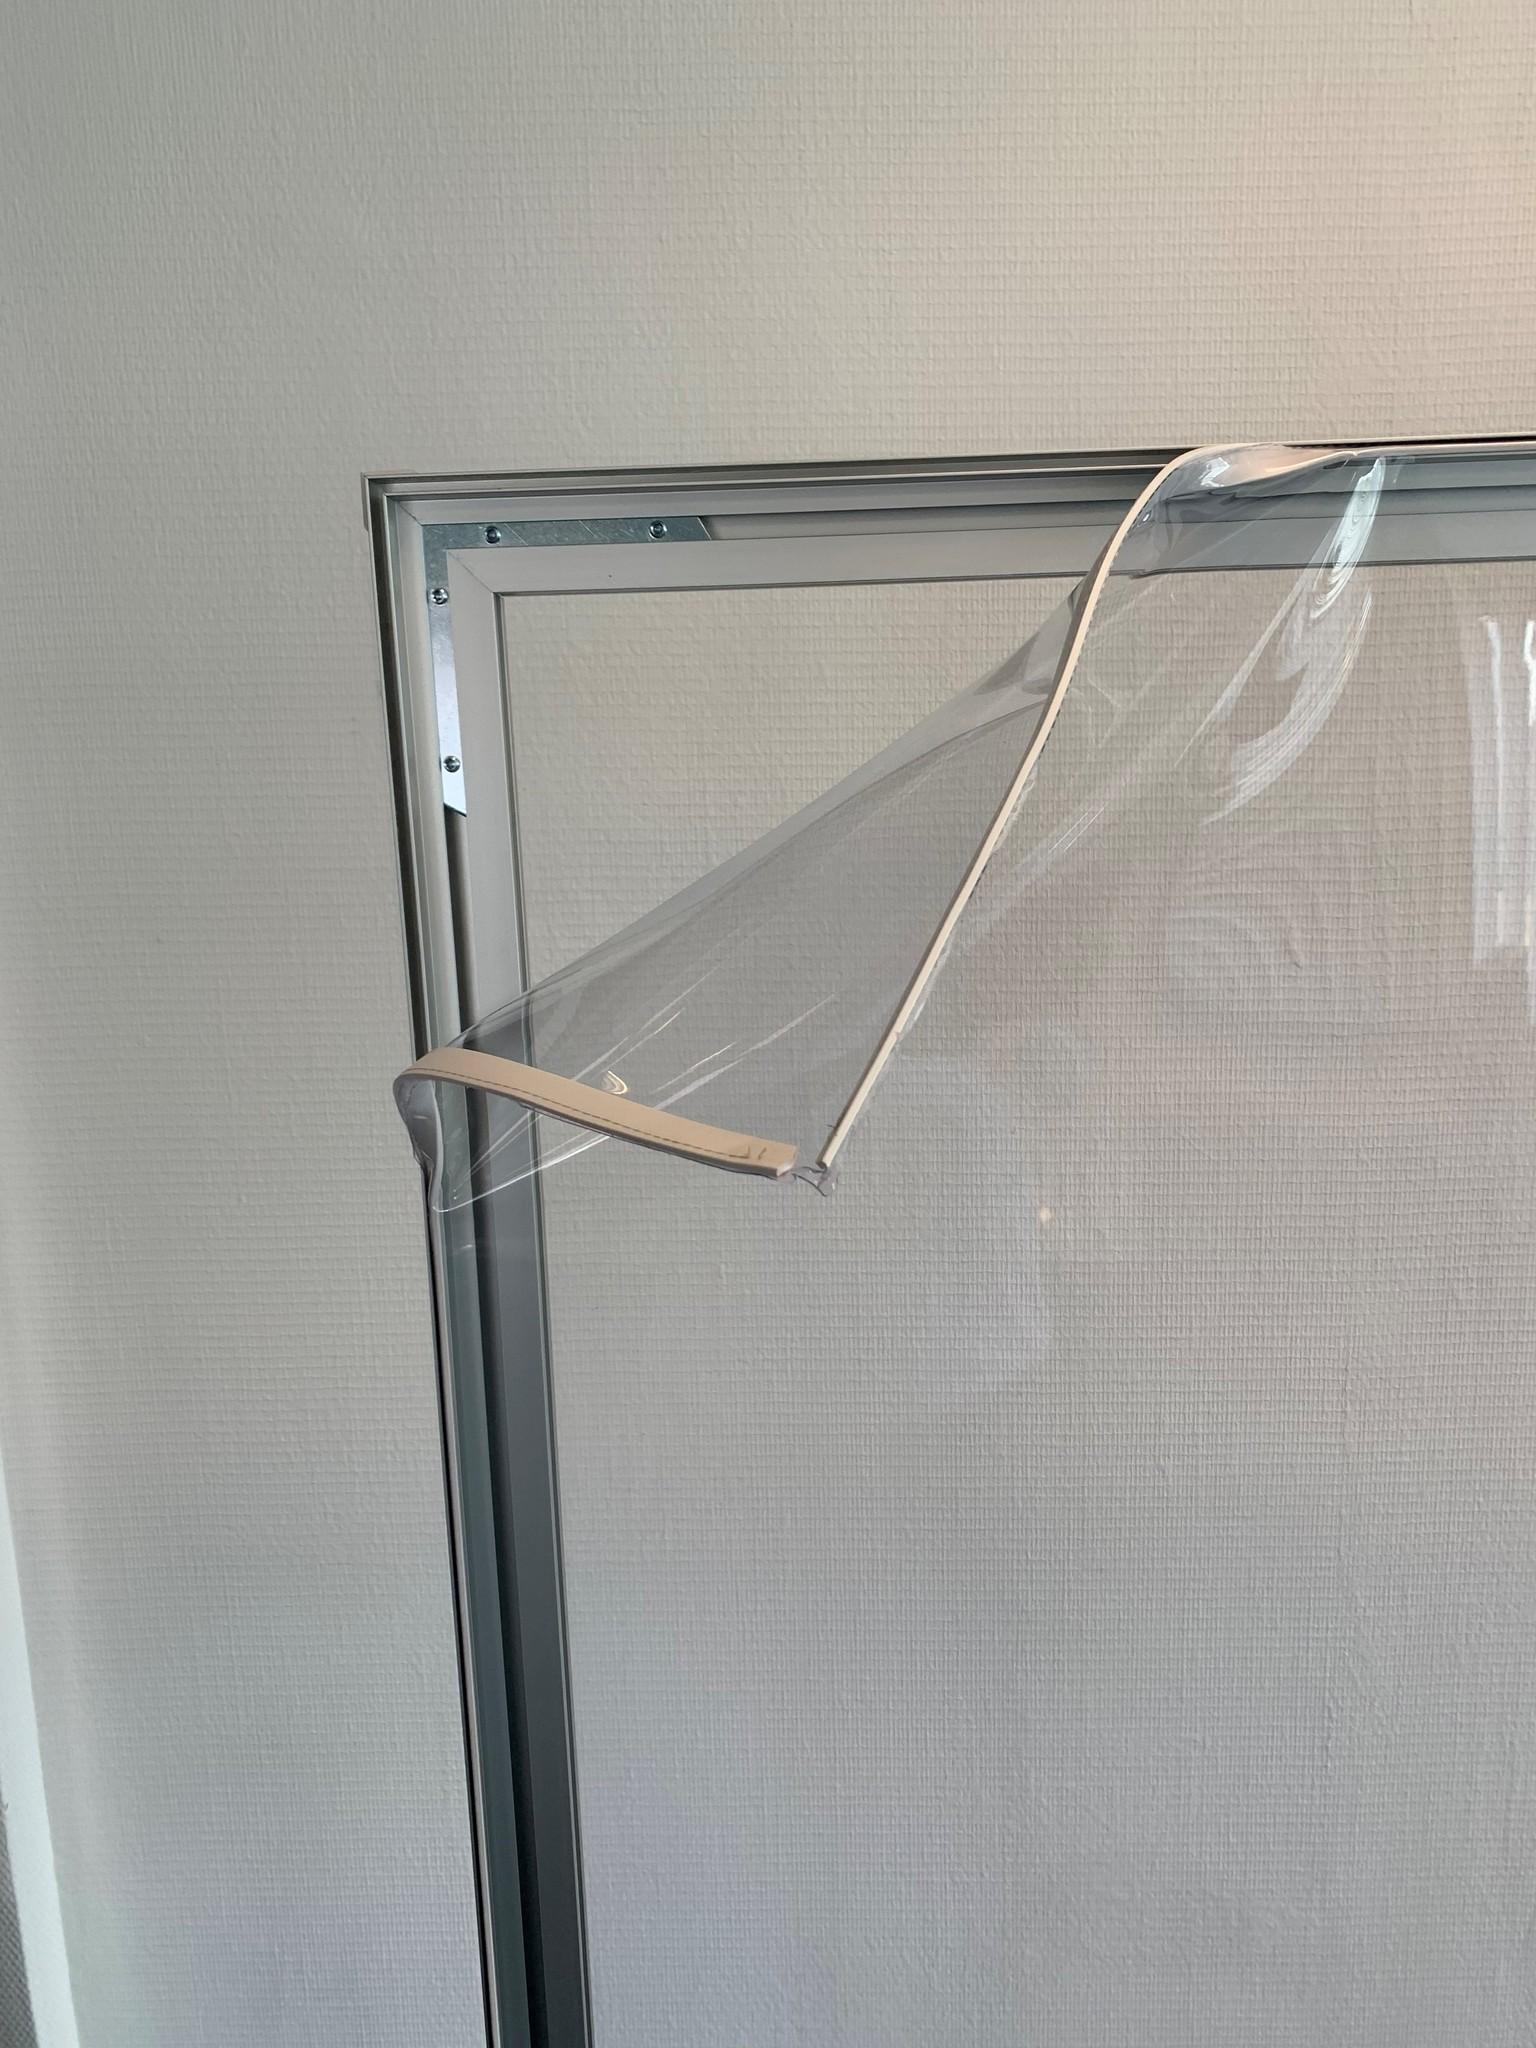 Sicherheitsbildschirm hängen Deluxe